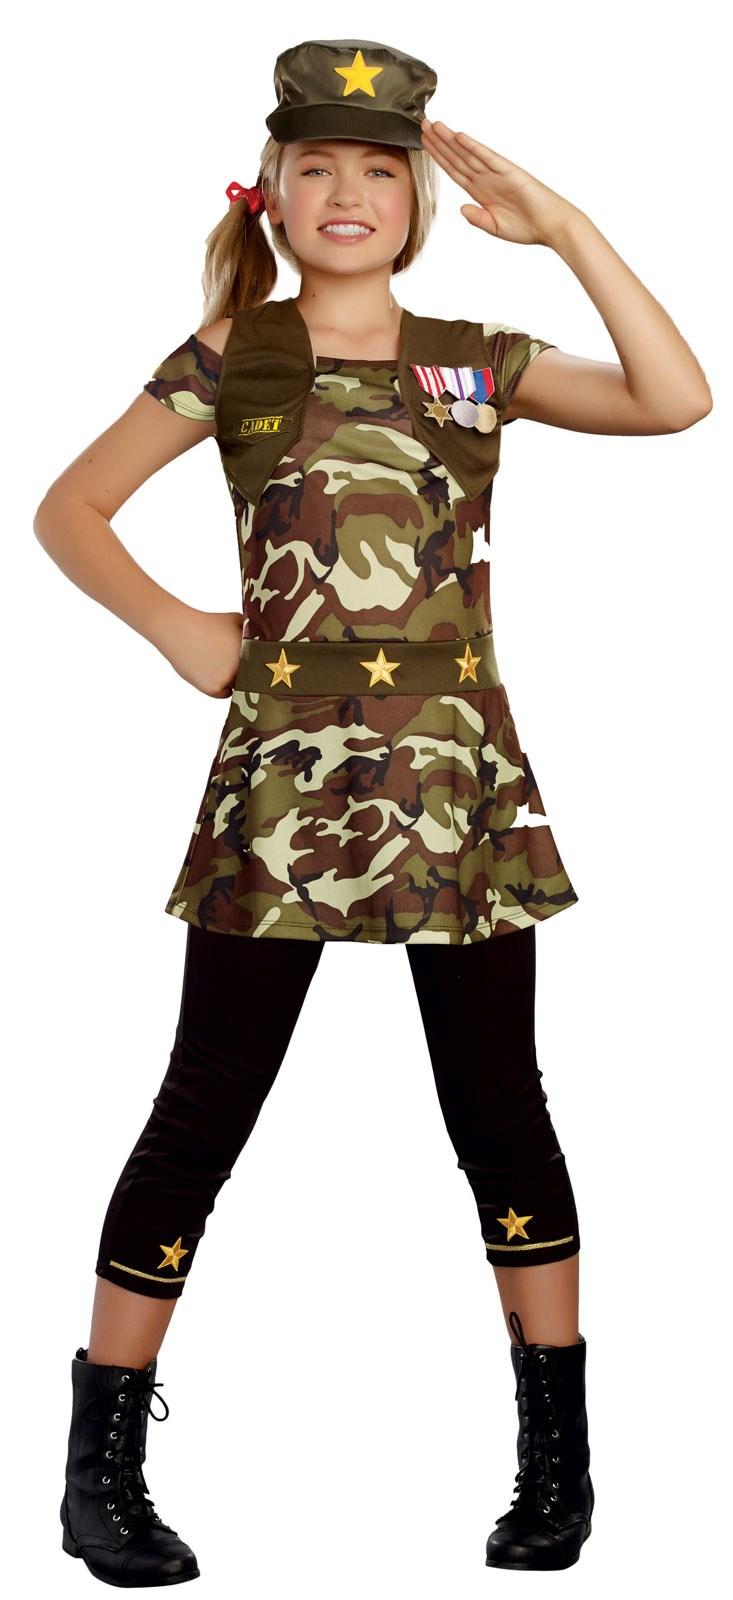 Cadet Cutie Costume For Tweens